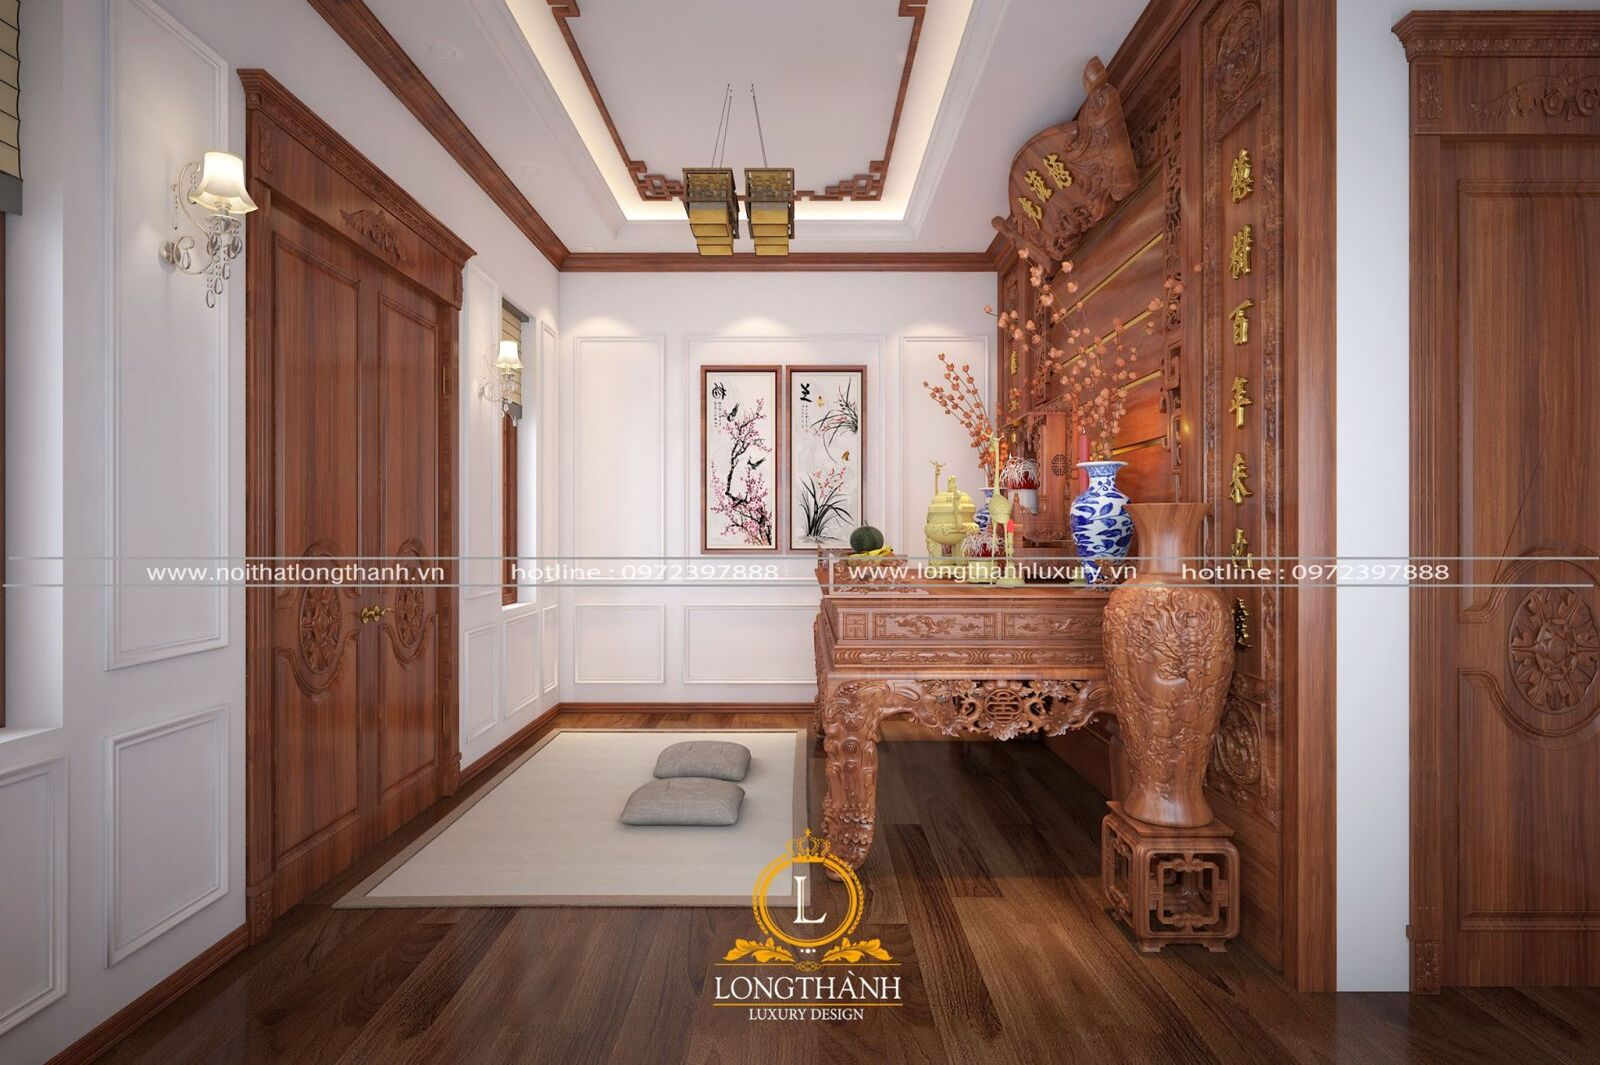 Mẫu phòng thờ đẹp cho nhà rộng hợp tín ngưỡng người Việt